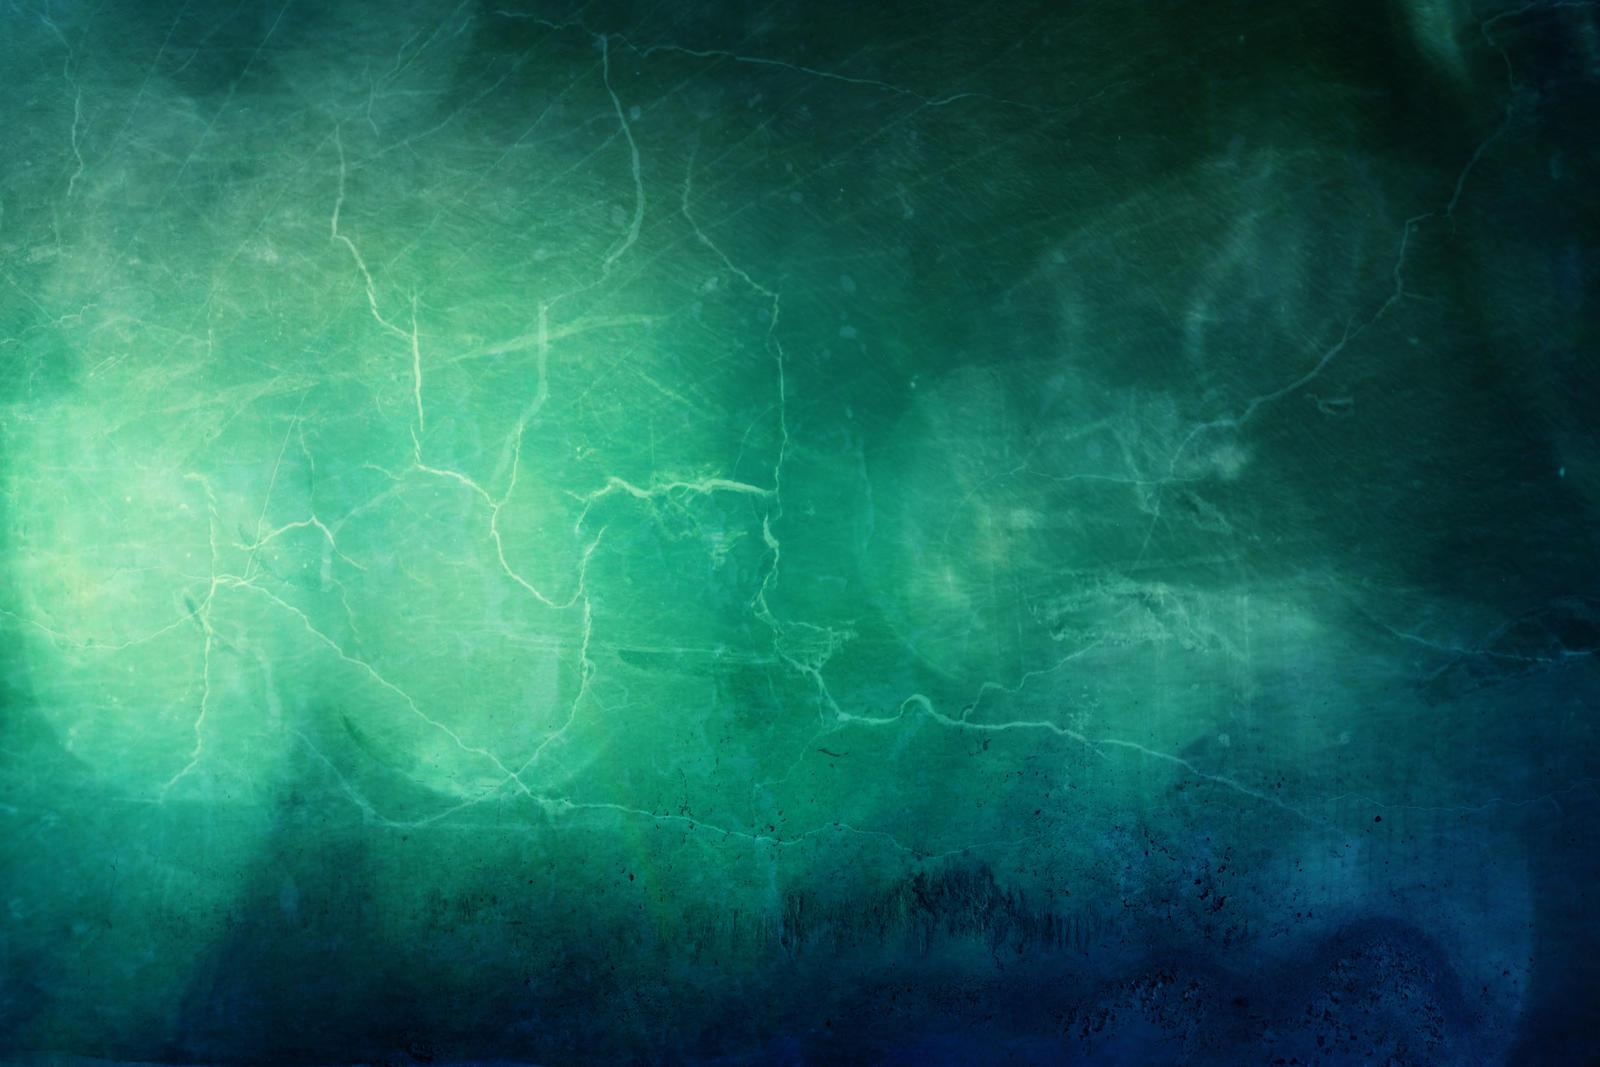 Texture 349 by Sirius-sdz